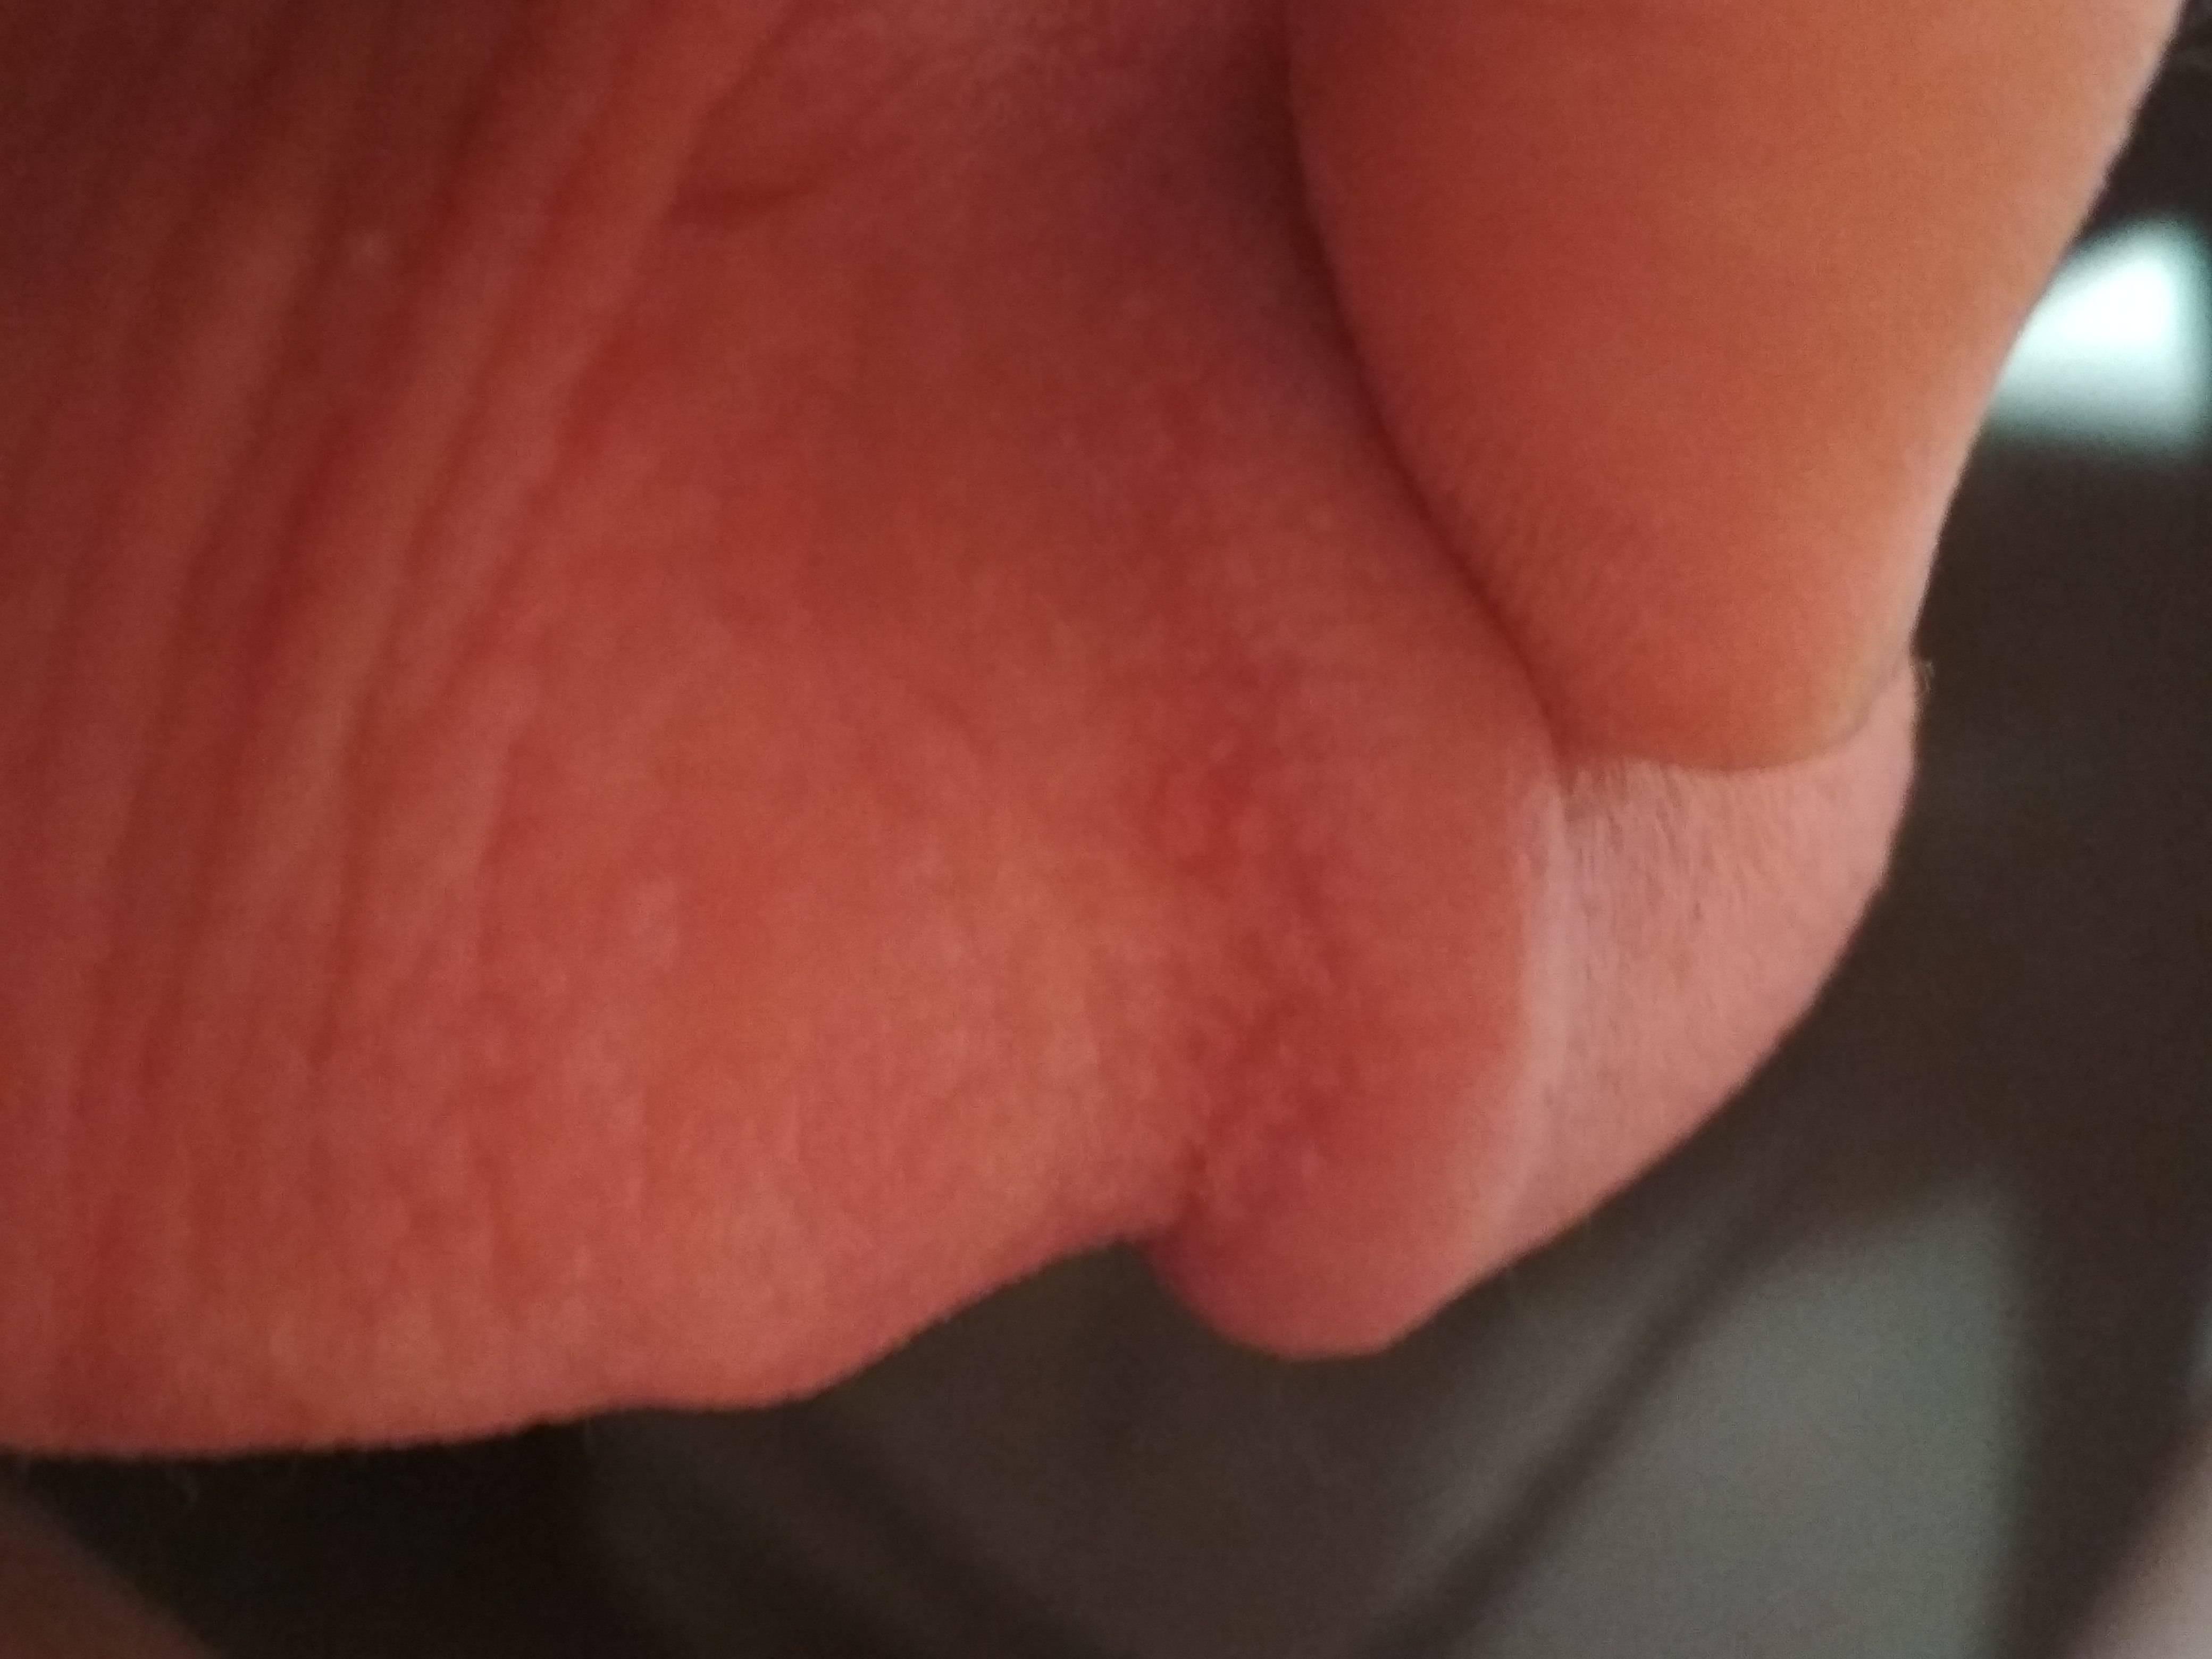 Белые точки на головке полового члена: причины, симптомы и лечение